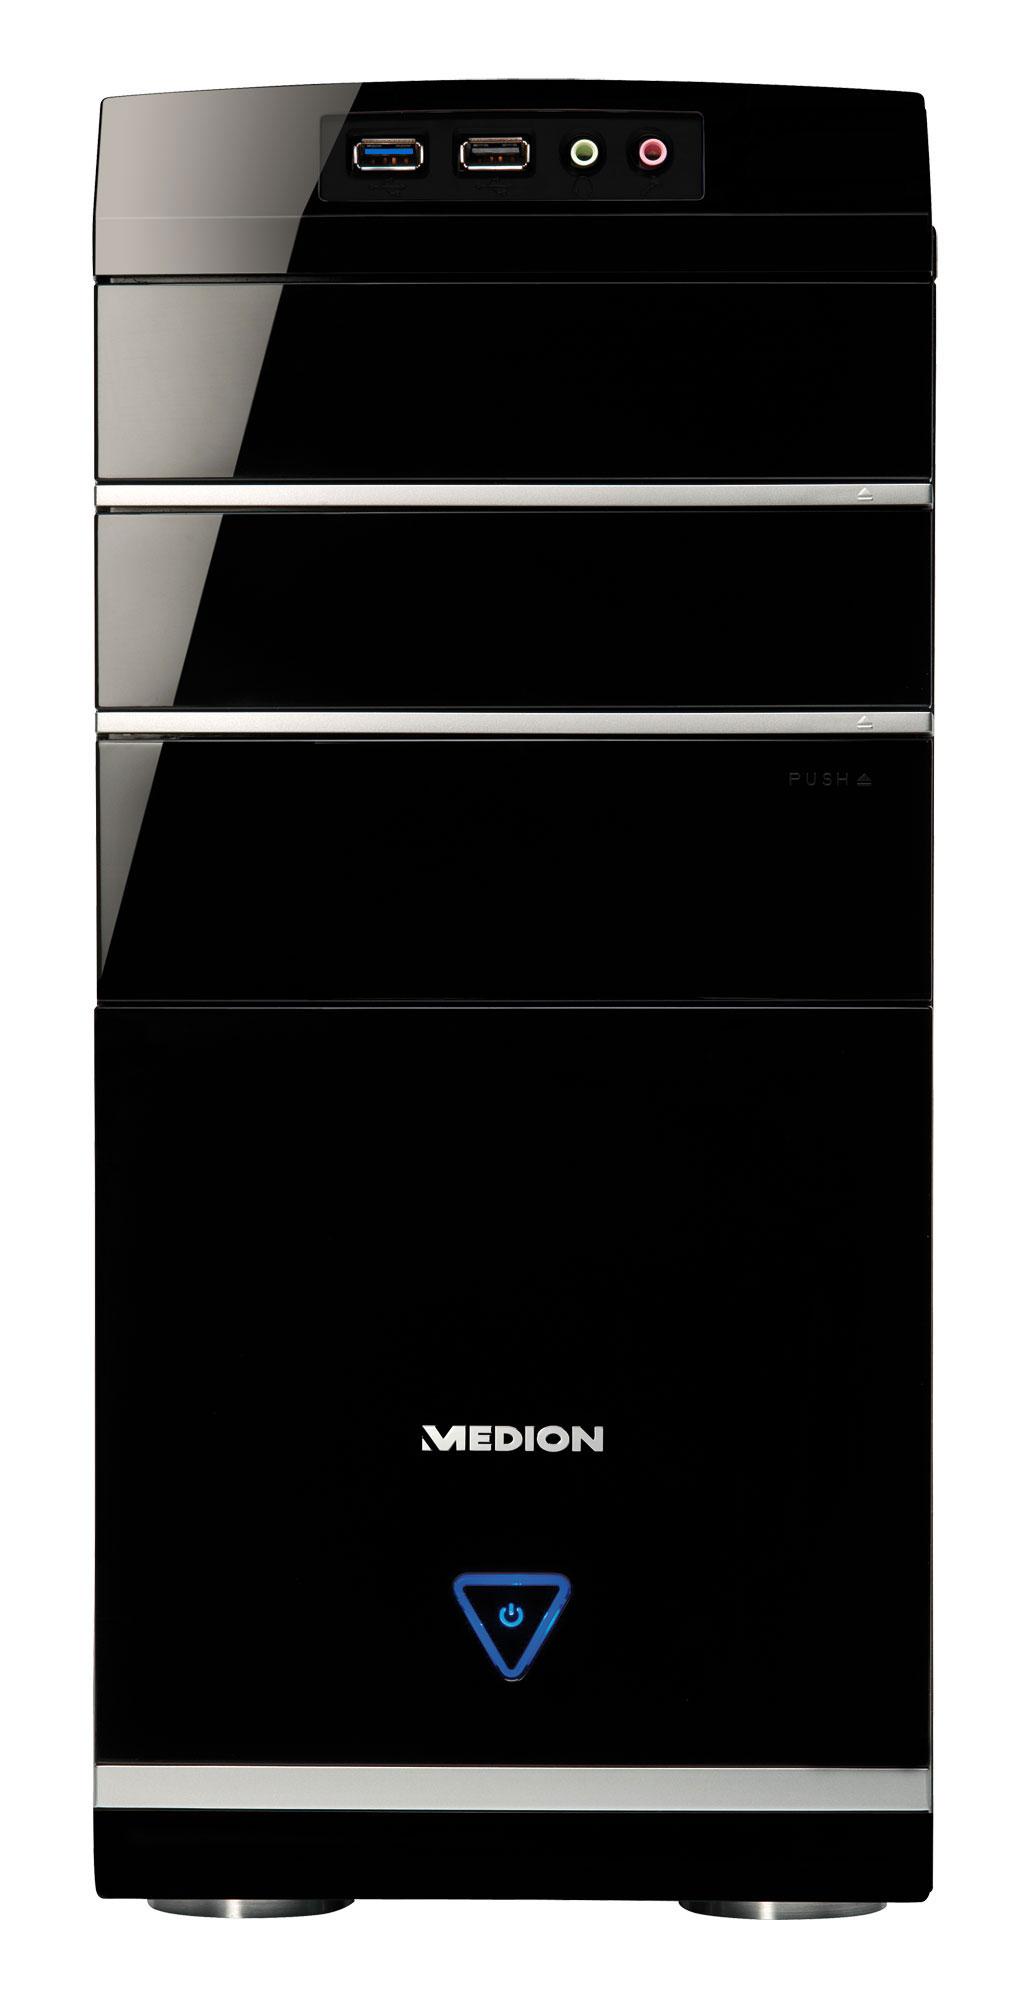 Medion akoya p5220 d md 8816 for Www design com